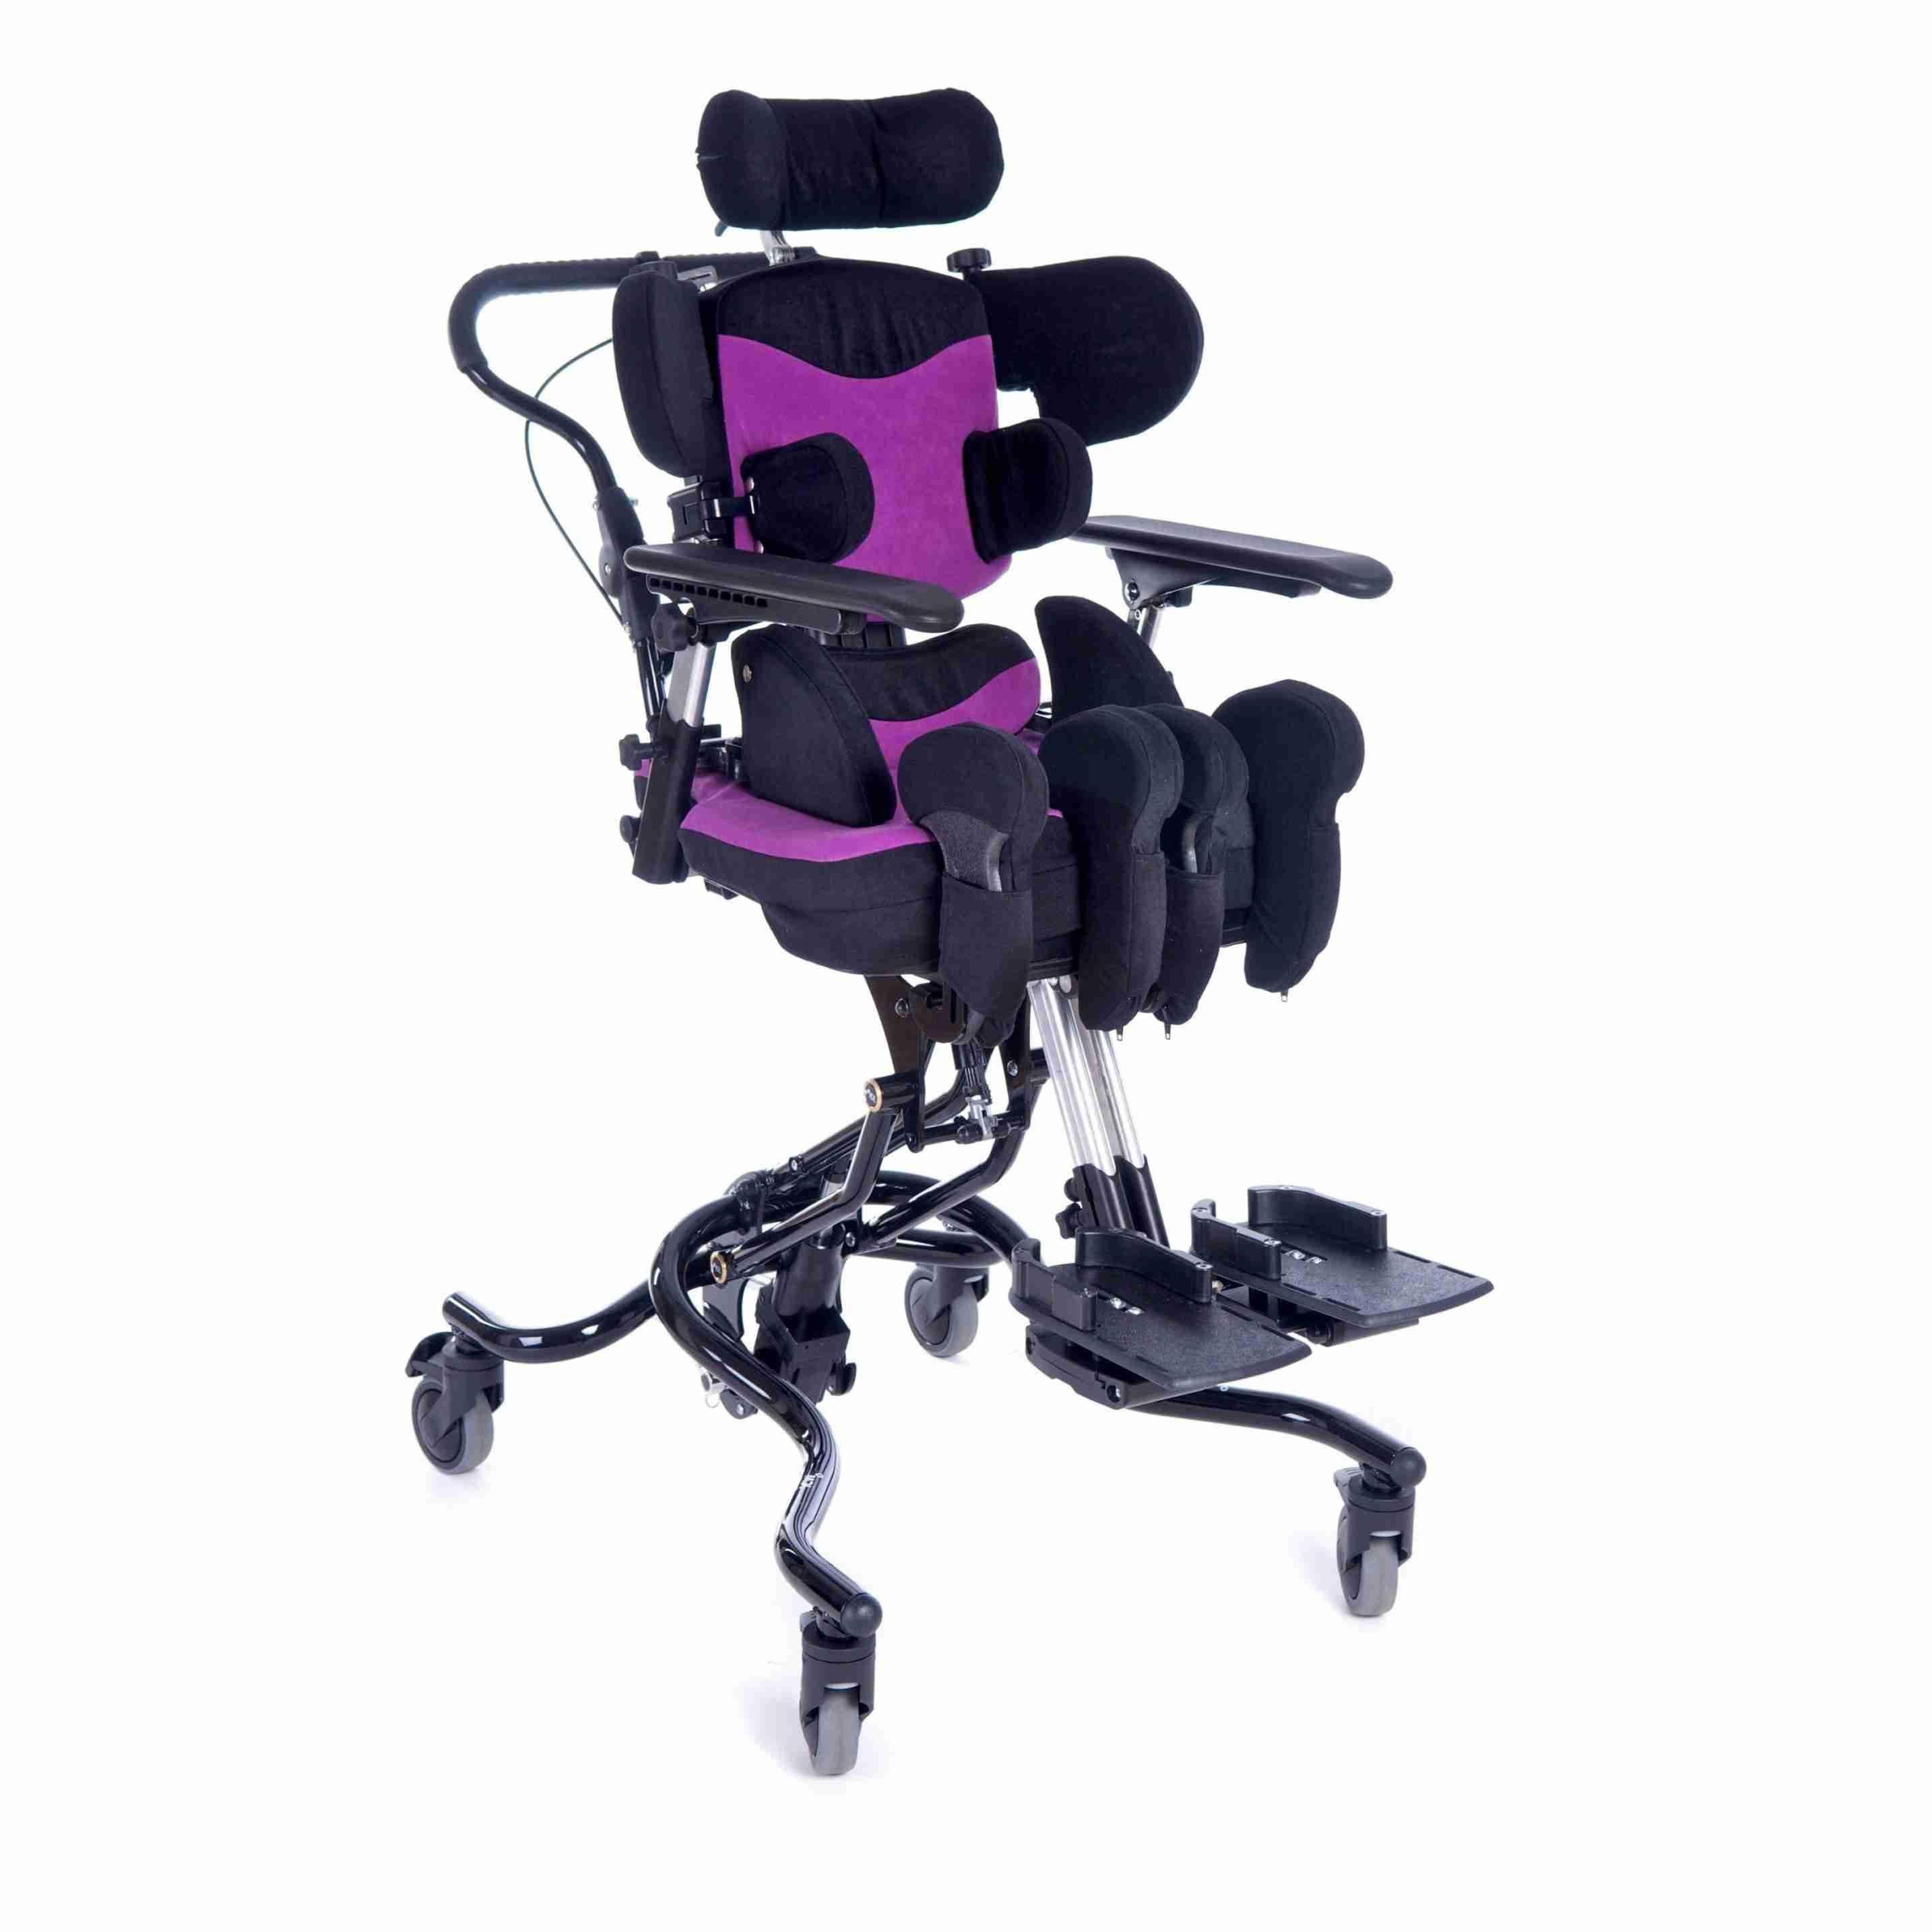 Jcm Triton Total Mobility